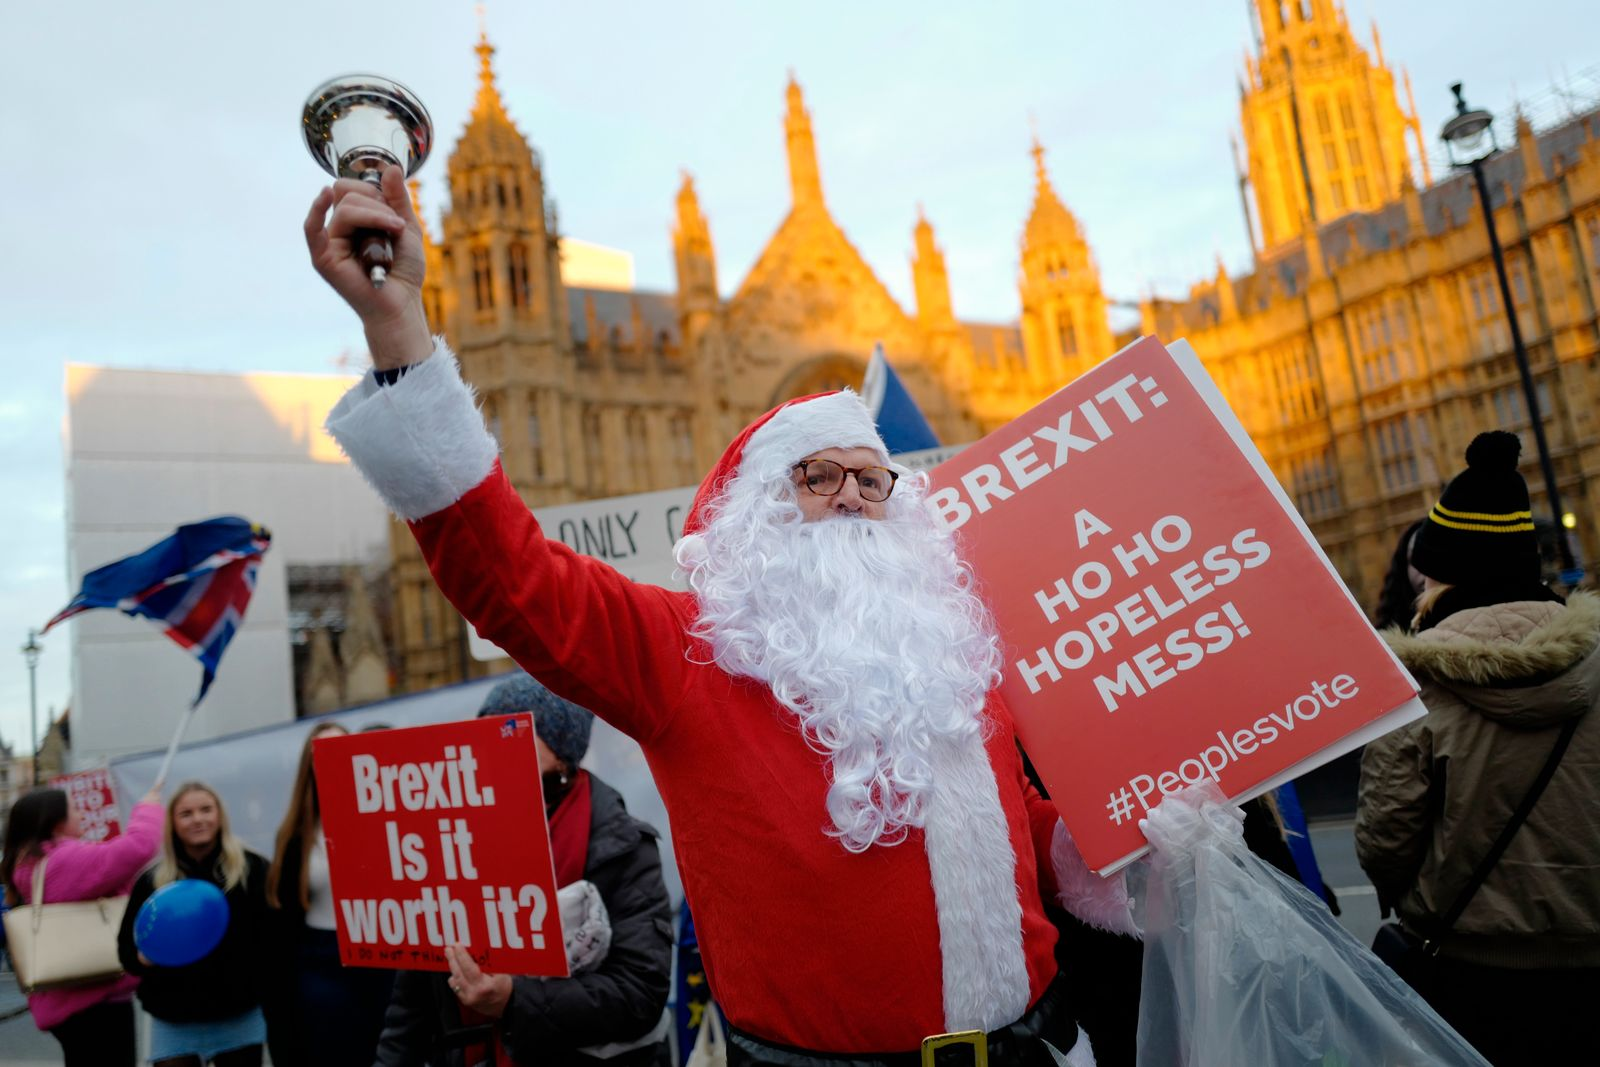 Brexit demonstrators